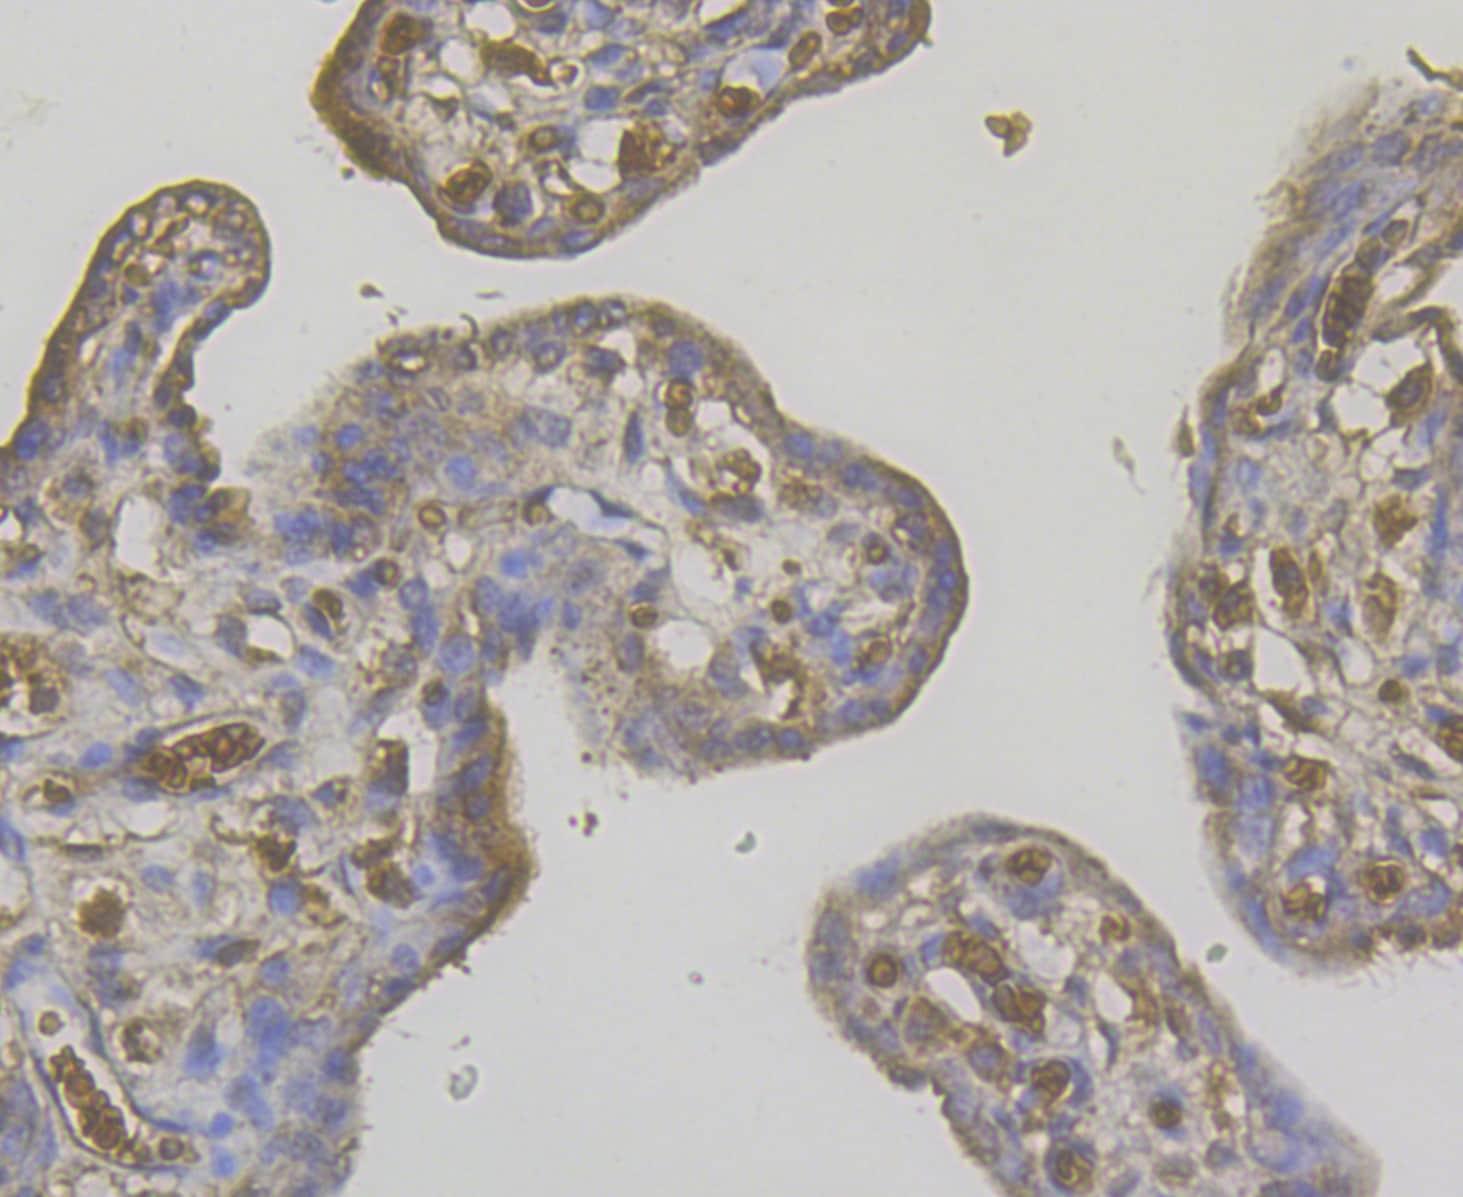 STIM2 Antibody in Immunohistochemistry (Paraffin) (IHC (P))